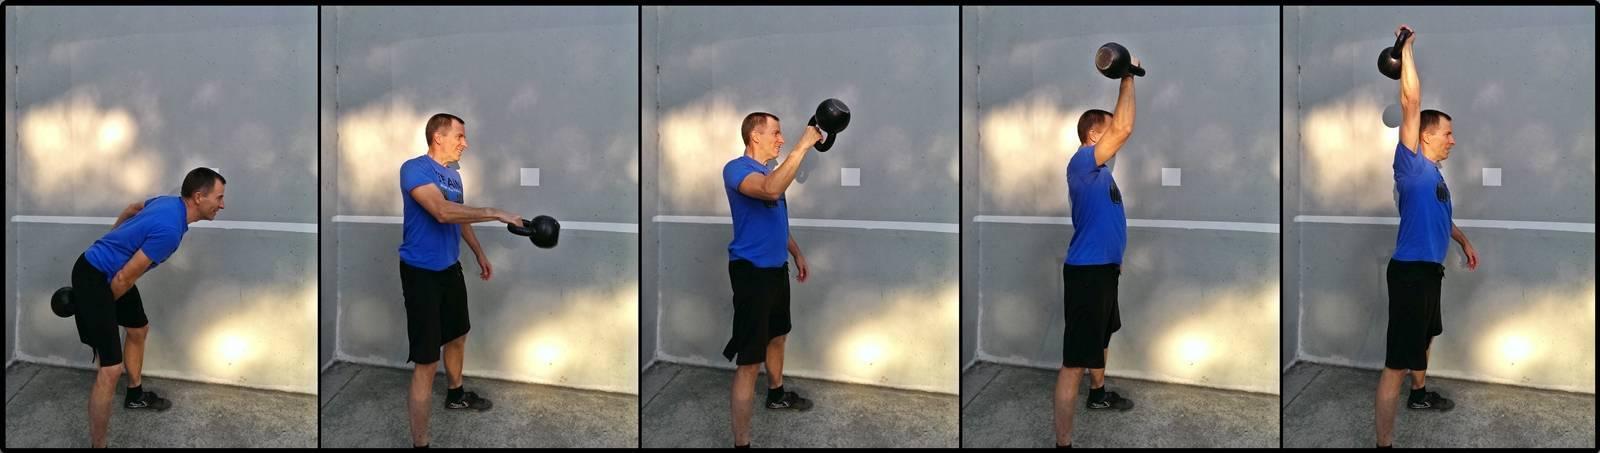 Рывок и толчок гири - техника выполнения упражнения